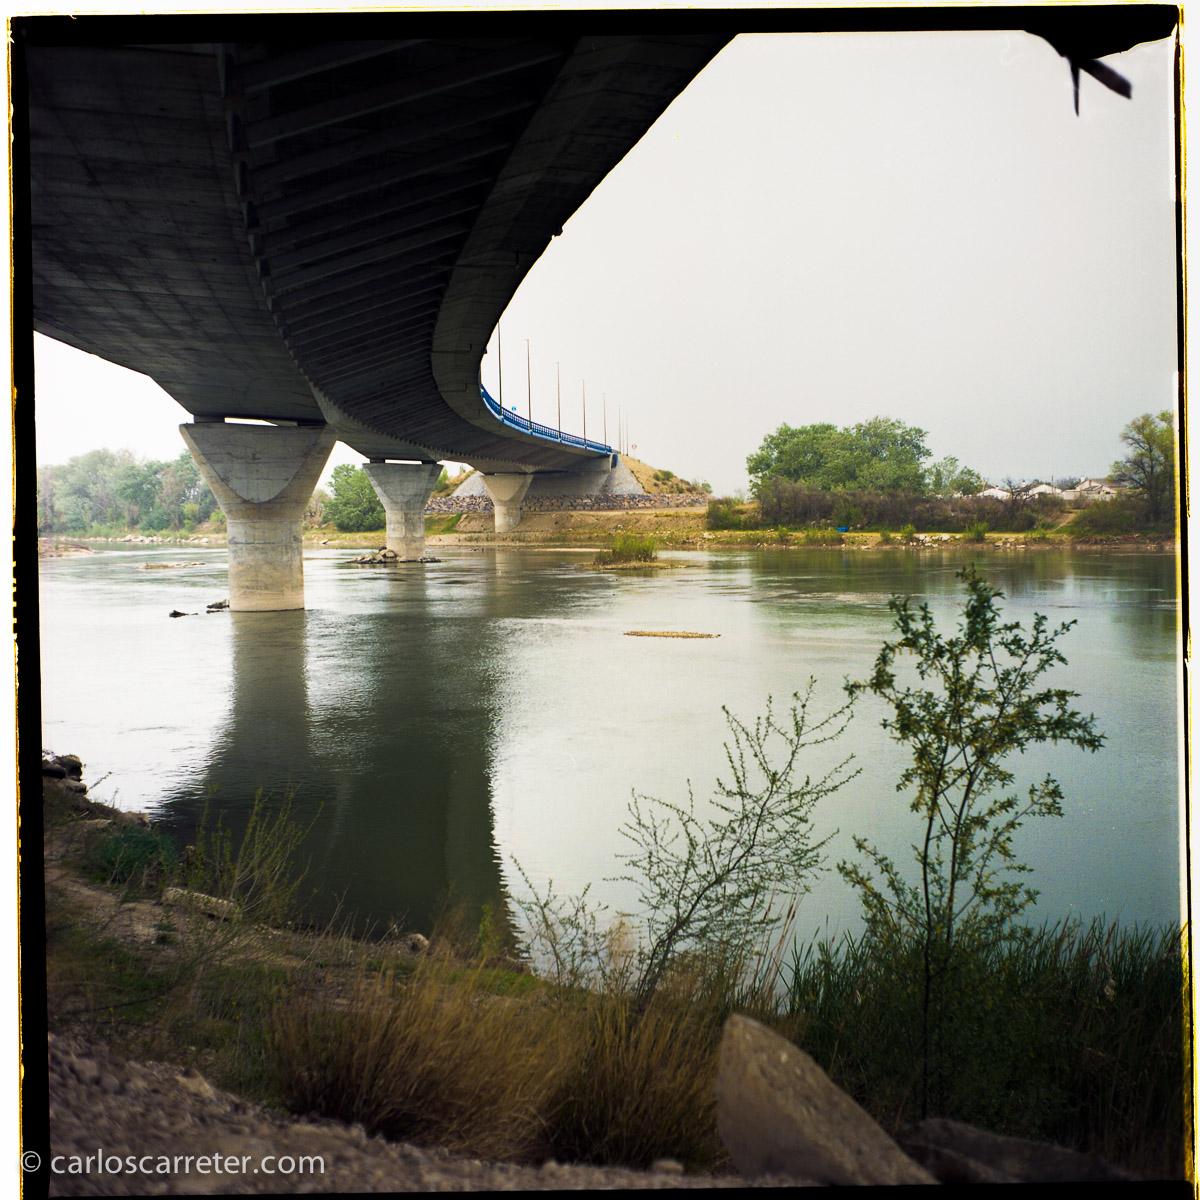 Puente del Cuarto Cinturón sobre el Ebro, cerca de La Cartuja Baja. Fotografía tomada con la Yashica Mat 124G sobre negativo en color.